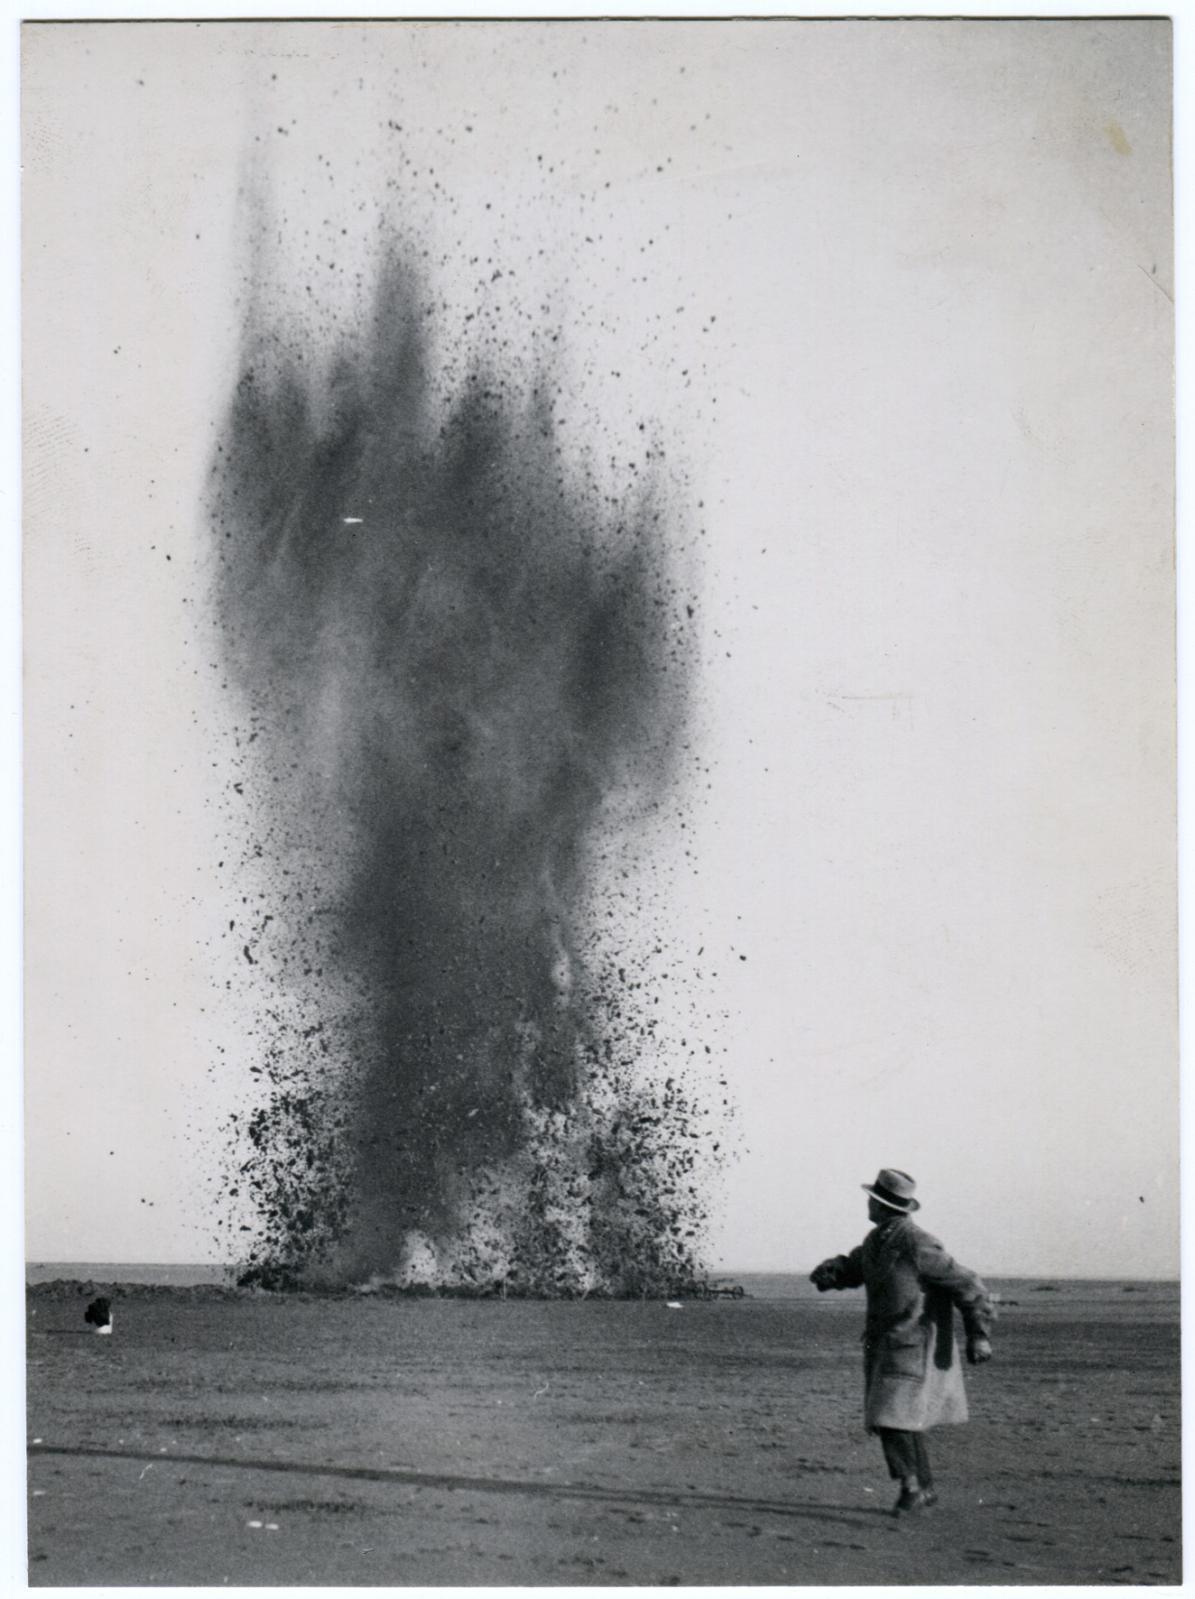 Éli Lotar(1905-1969), Travaux d'assèchement du Zuiderzee, Pays-Bas, 1930, épreuve gélatino-argentique d'époque, 17,4x12,8cm, archives Tériade, mus